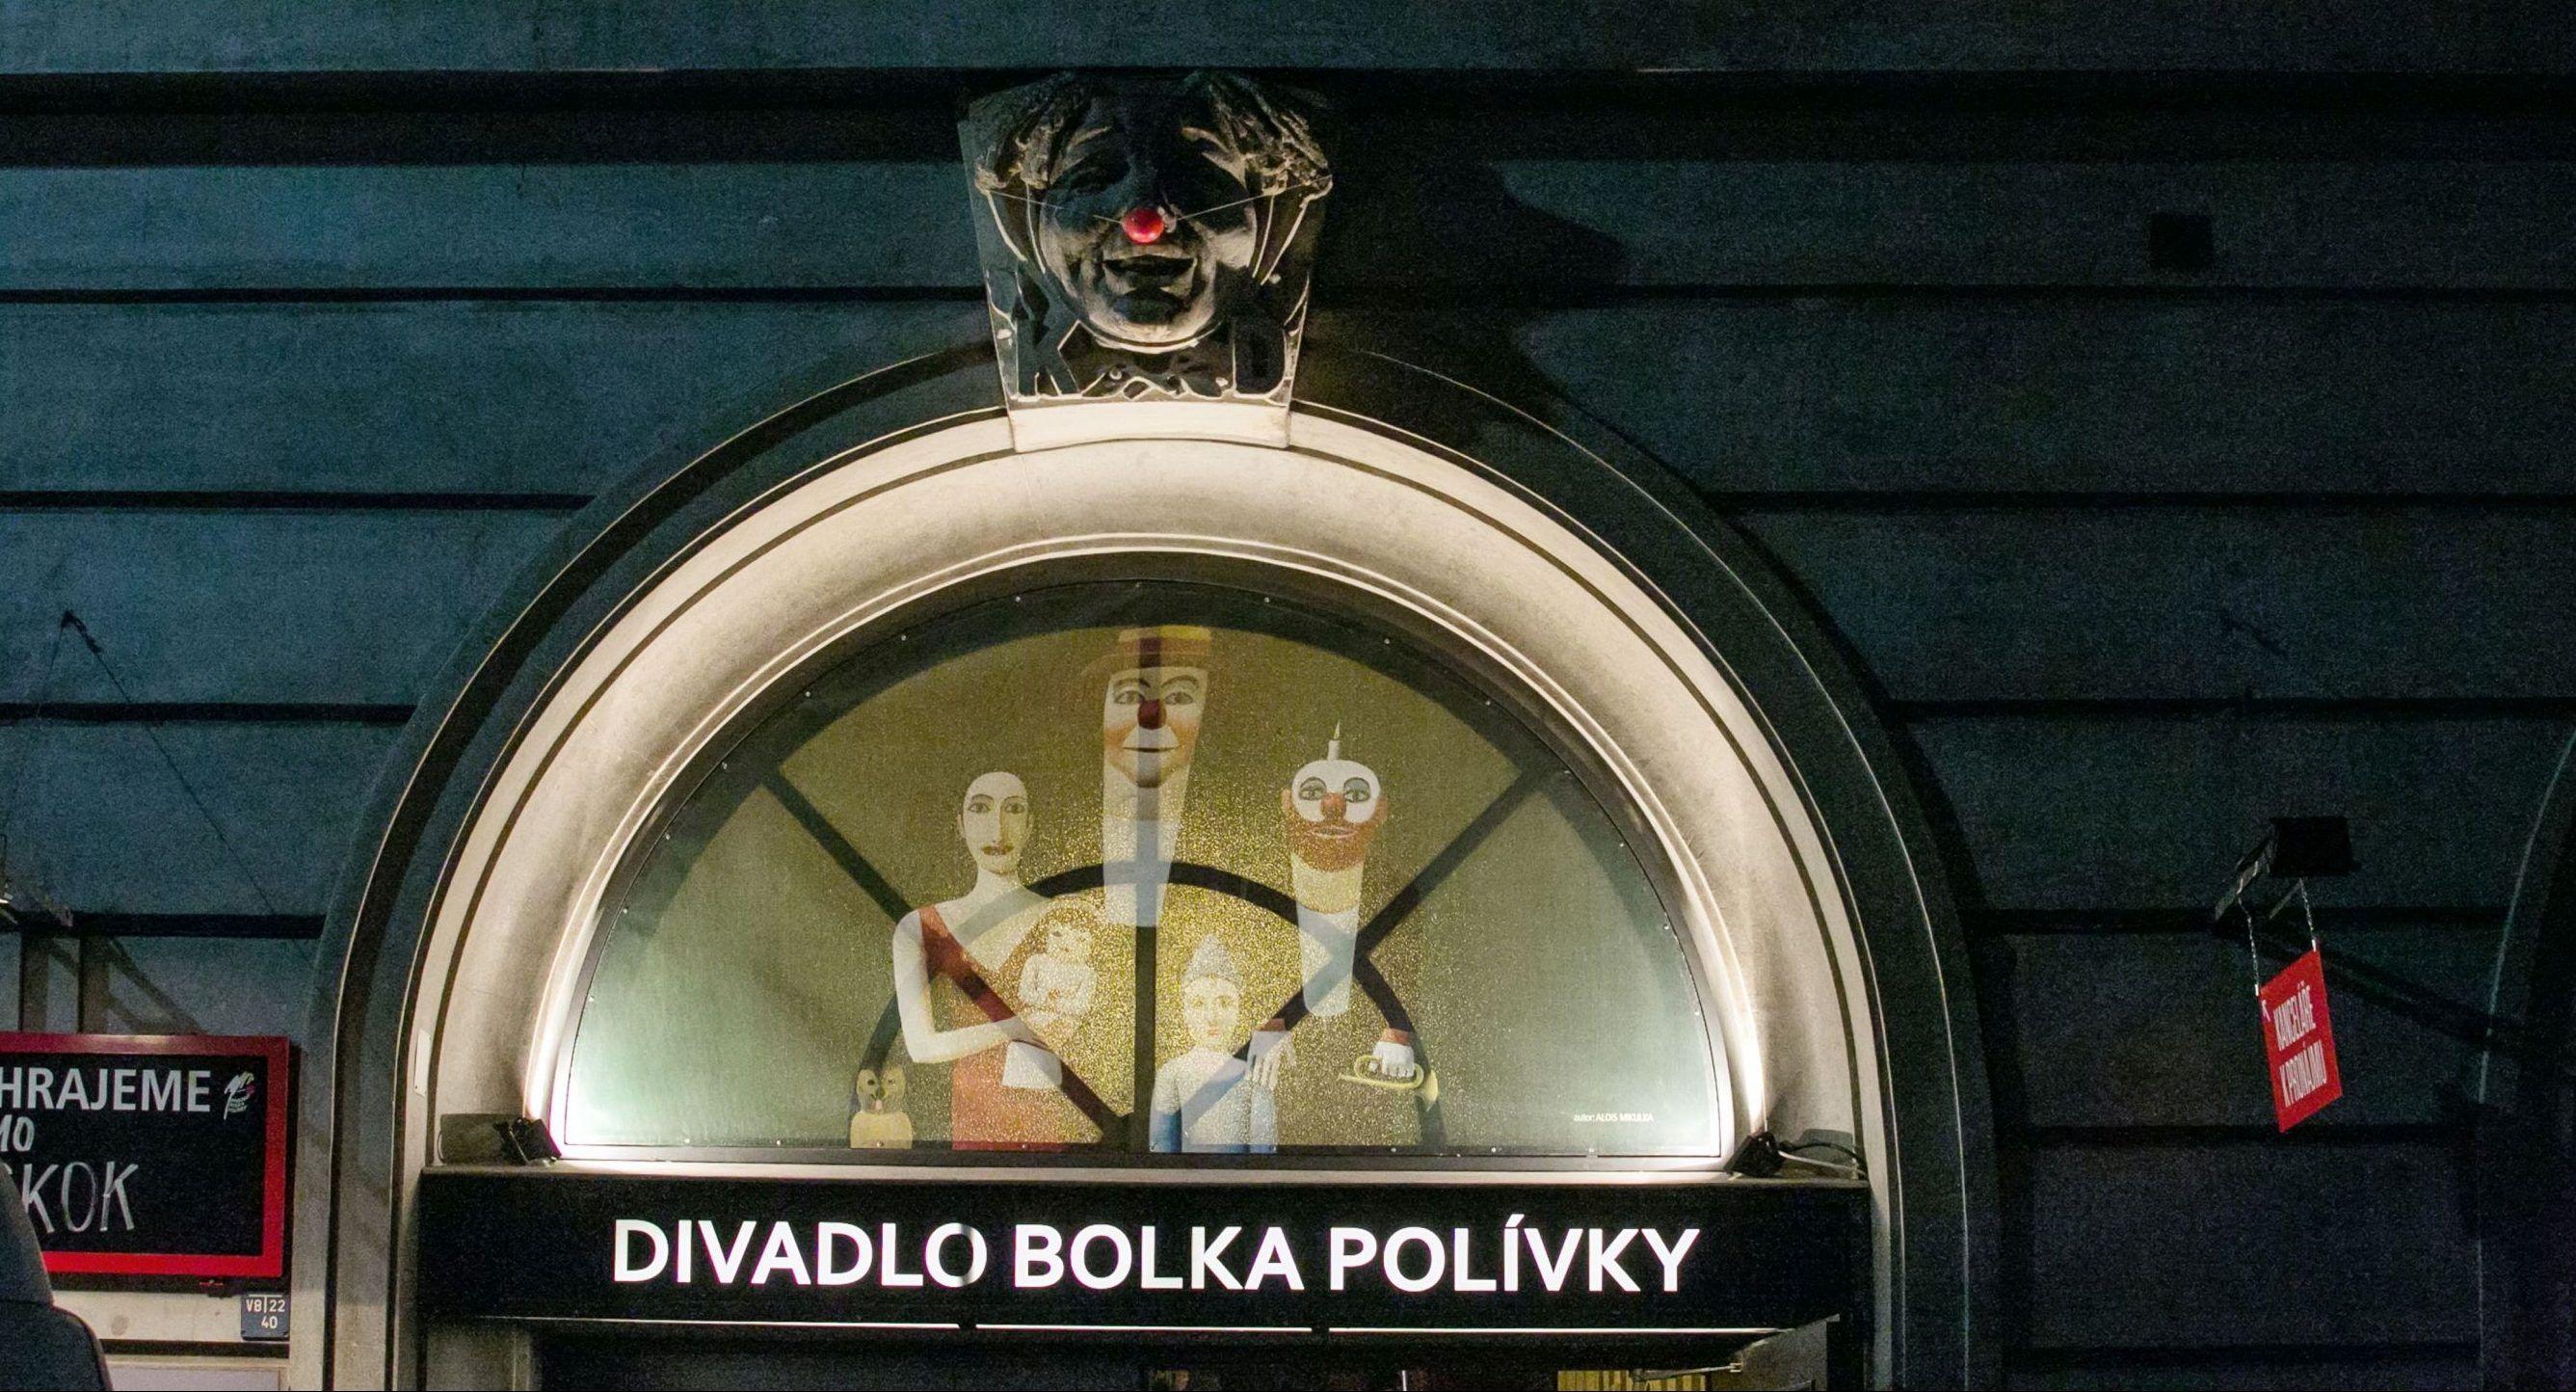 Divadlo Bolka Polívky v Brně